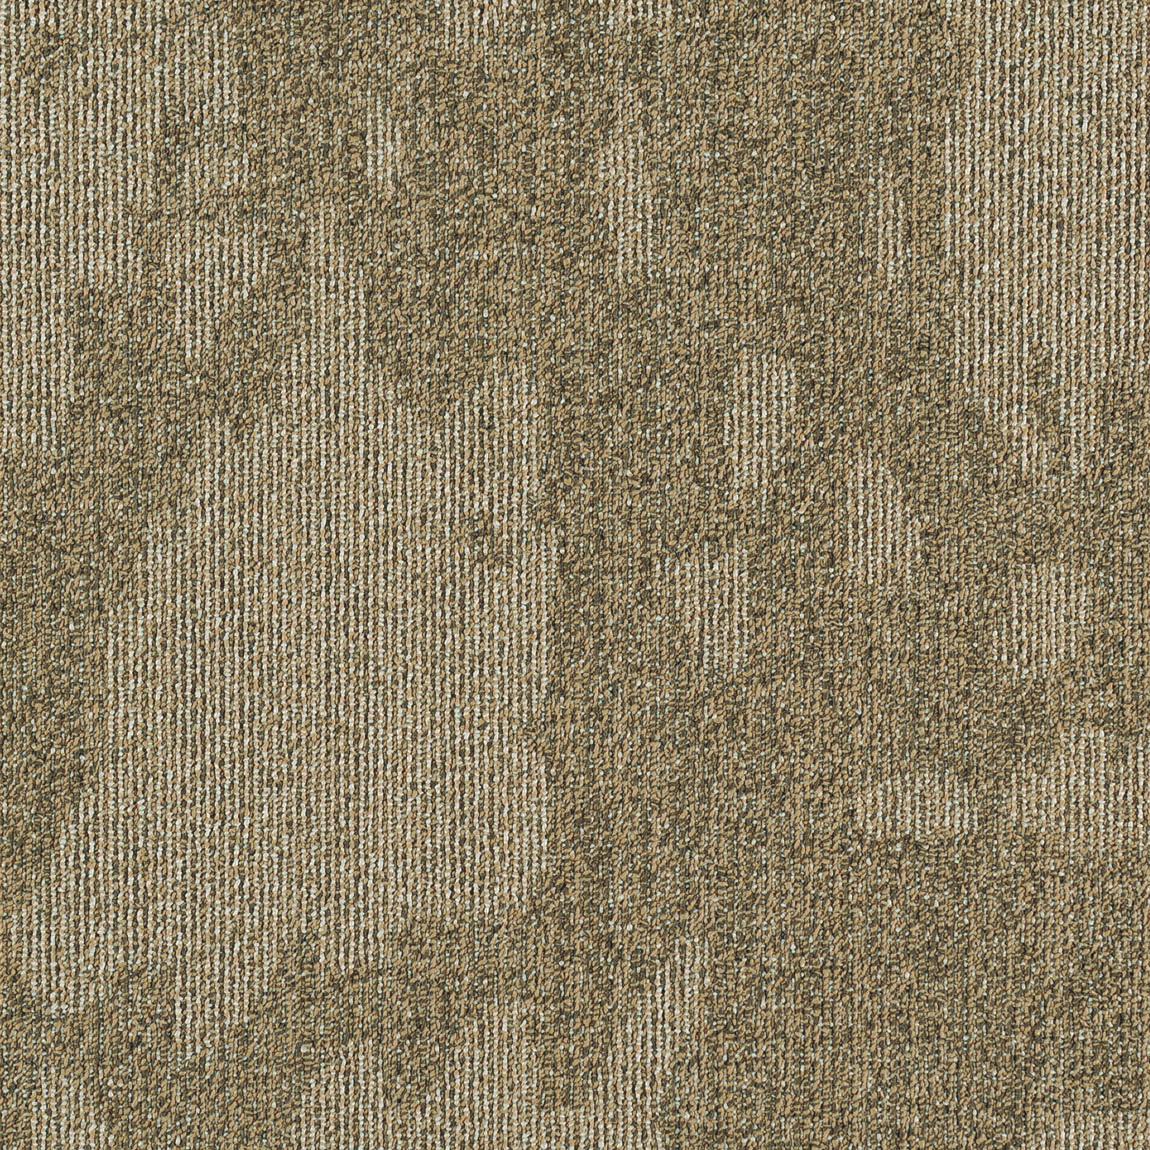 salto carpet tiles